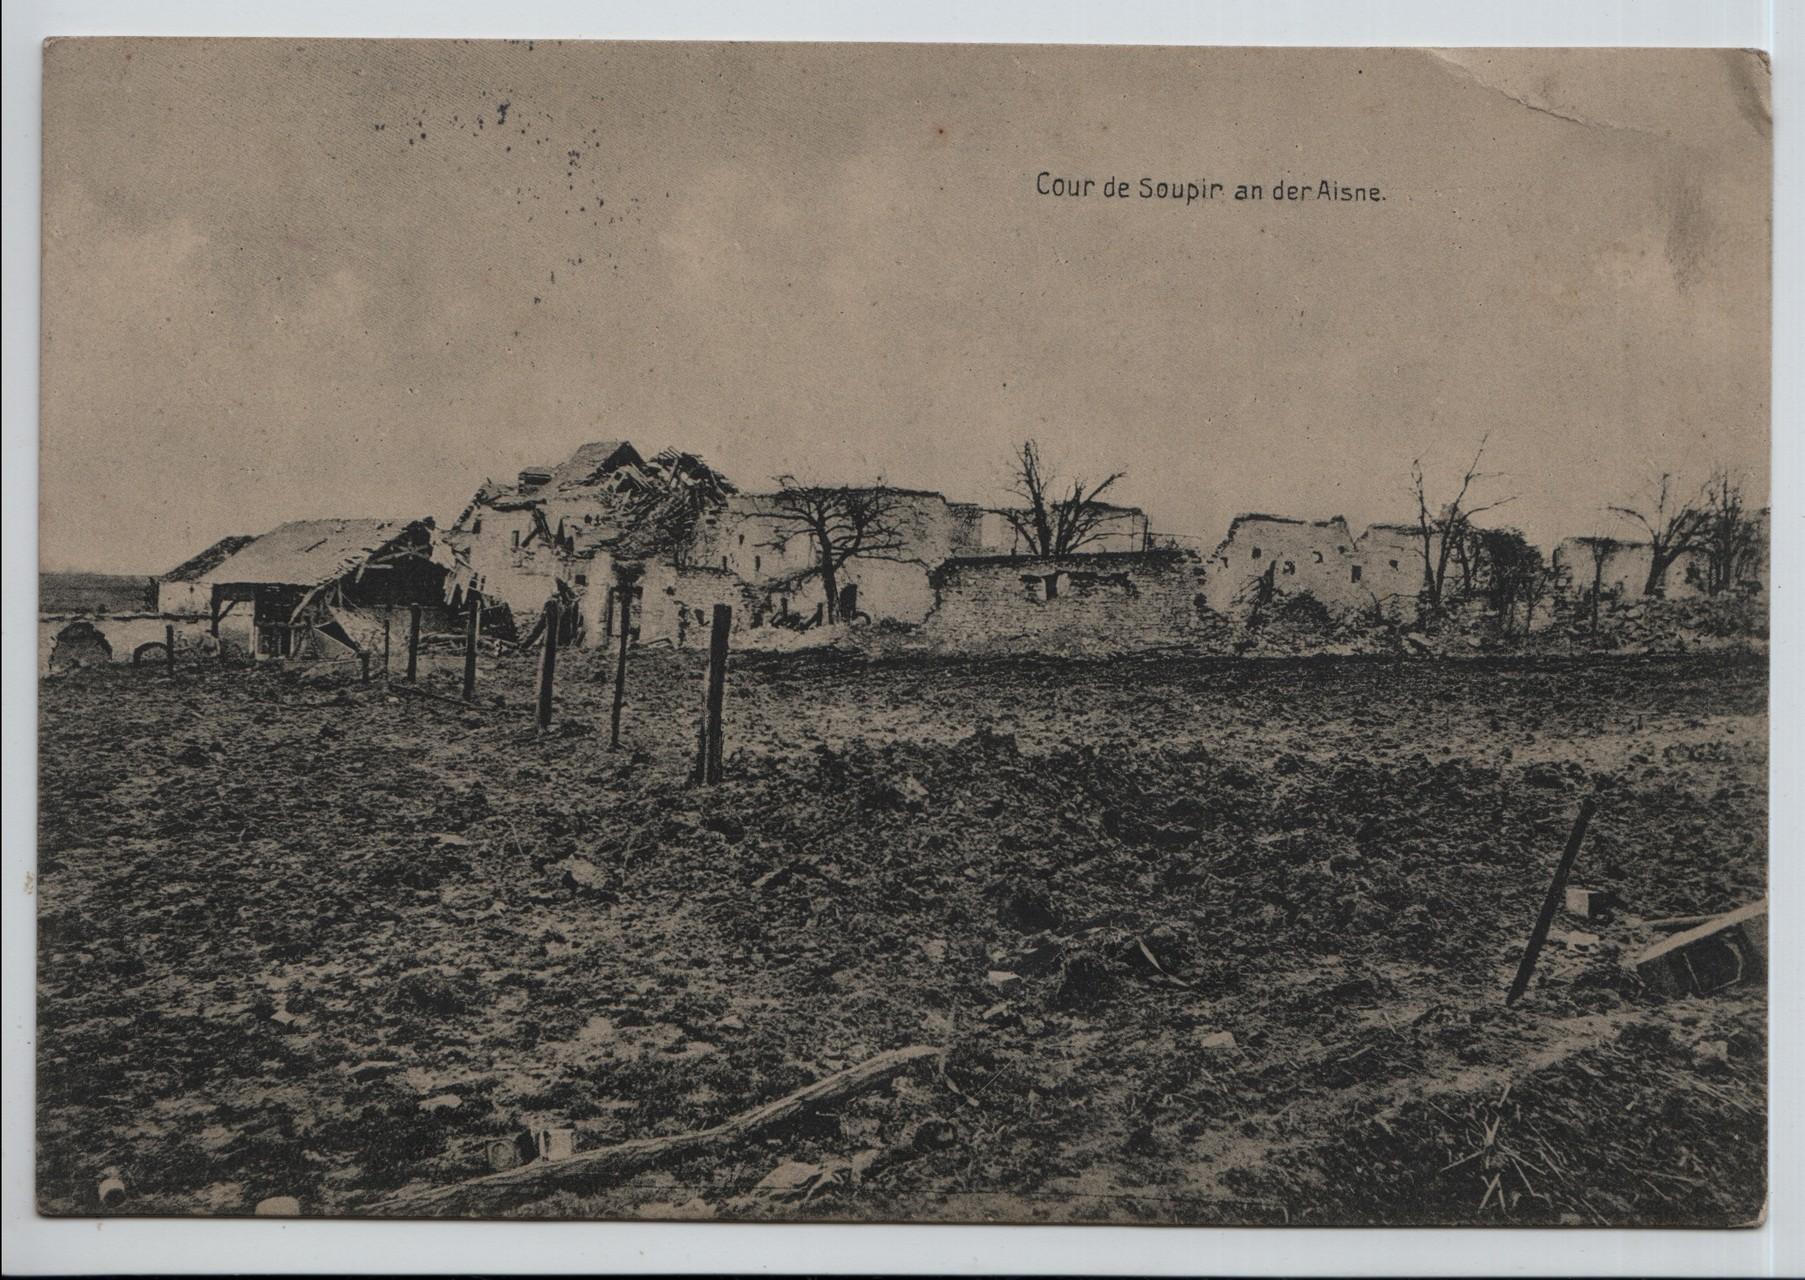 11. Soupir churchyard on the river Aisne